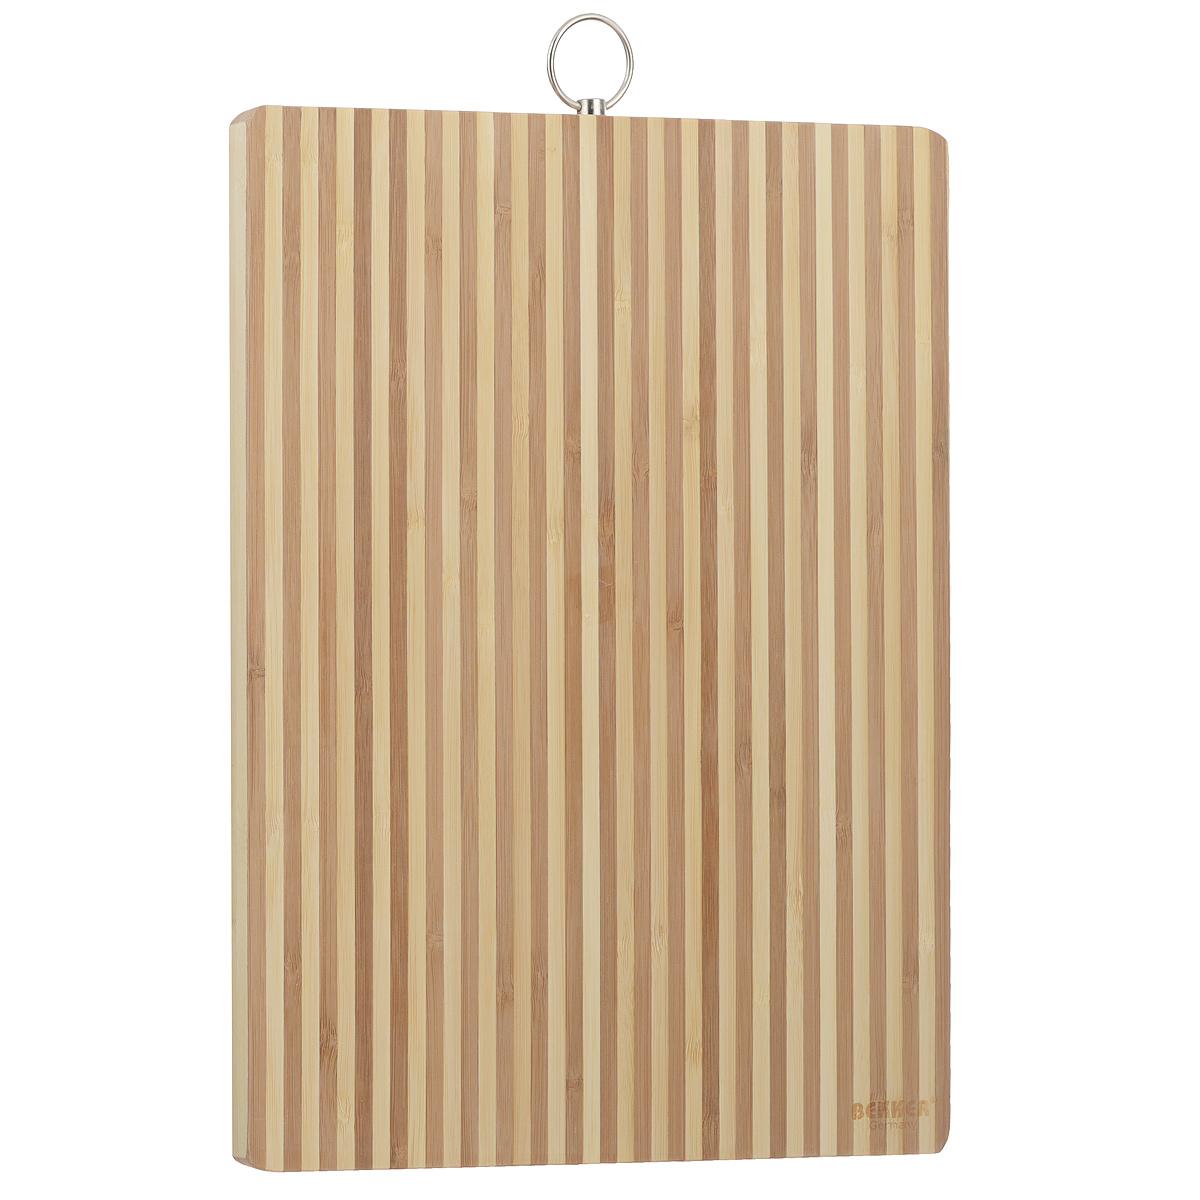 Доска разделочная Bekker, бамбуковая, 34 см х 24 см. BK-970568/5/3Прямоугольная разделочная доска Bekker изготовлена из высококачественной древесины бамбука, обладающей антибактериальными свойствами. Бамбук - инновационный материал, идеально подходящий для разделочных досок. Доски из бамбука обладают высокой плотностью структуры древесины, а также устойчивы к механическим воздействиям. Доска оснащена крючком для подвешивания. Функциональная и простая в использовании, разделочная доска Bekker прекрасно впишется в интерьер любой кухни и прослужит вам долгие годы.